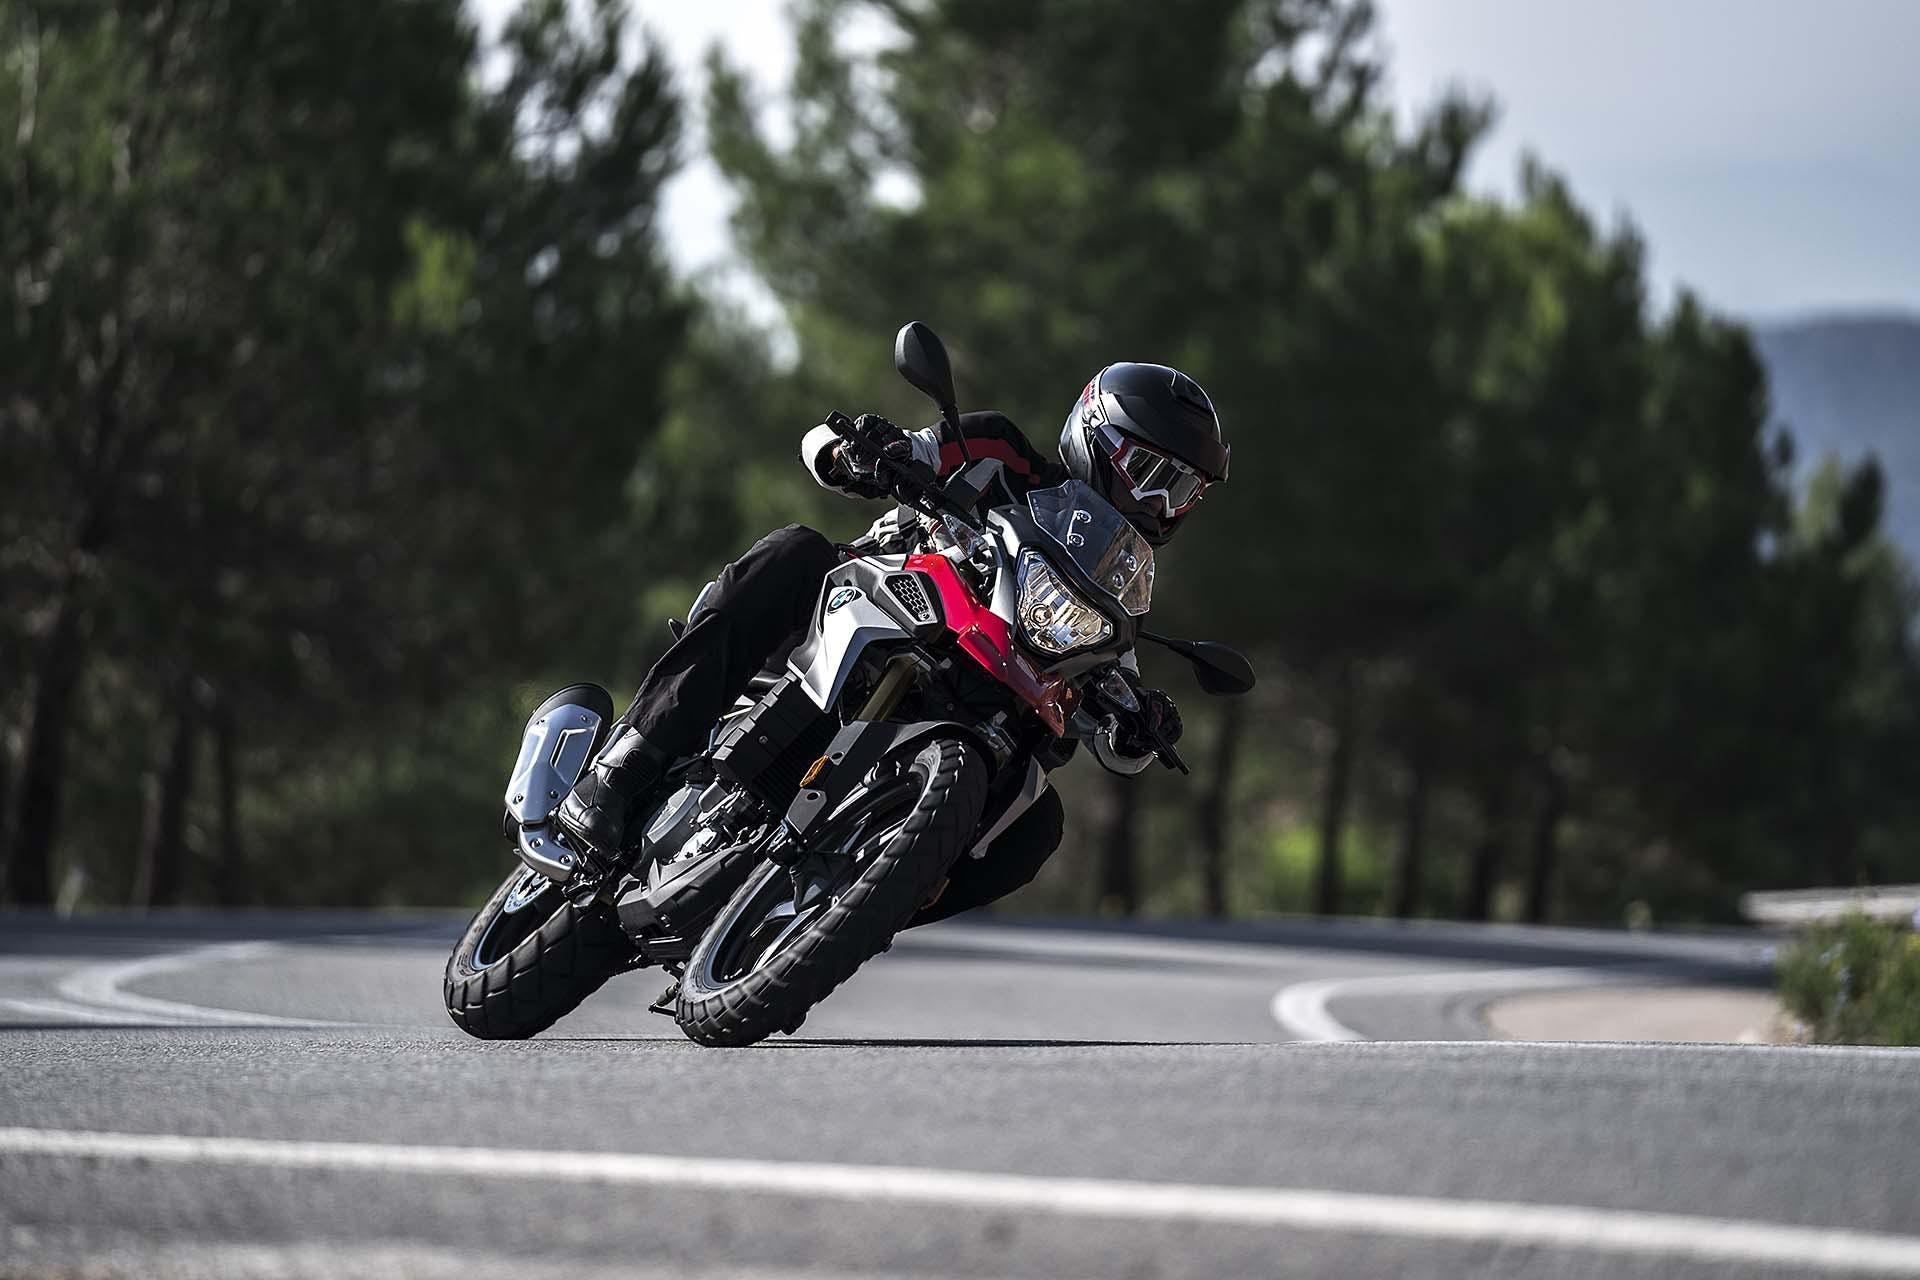 BMW G 310 GS Moto neopatentati A2 In azione in curva rossa